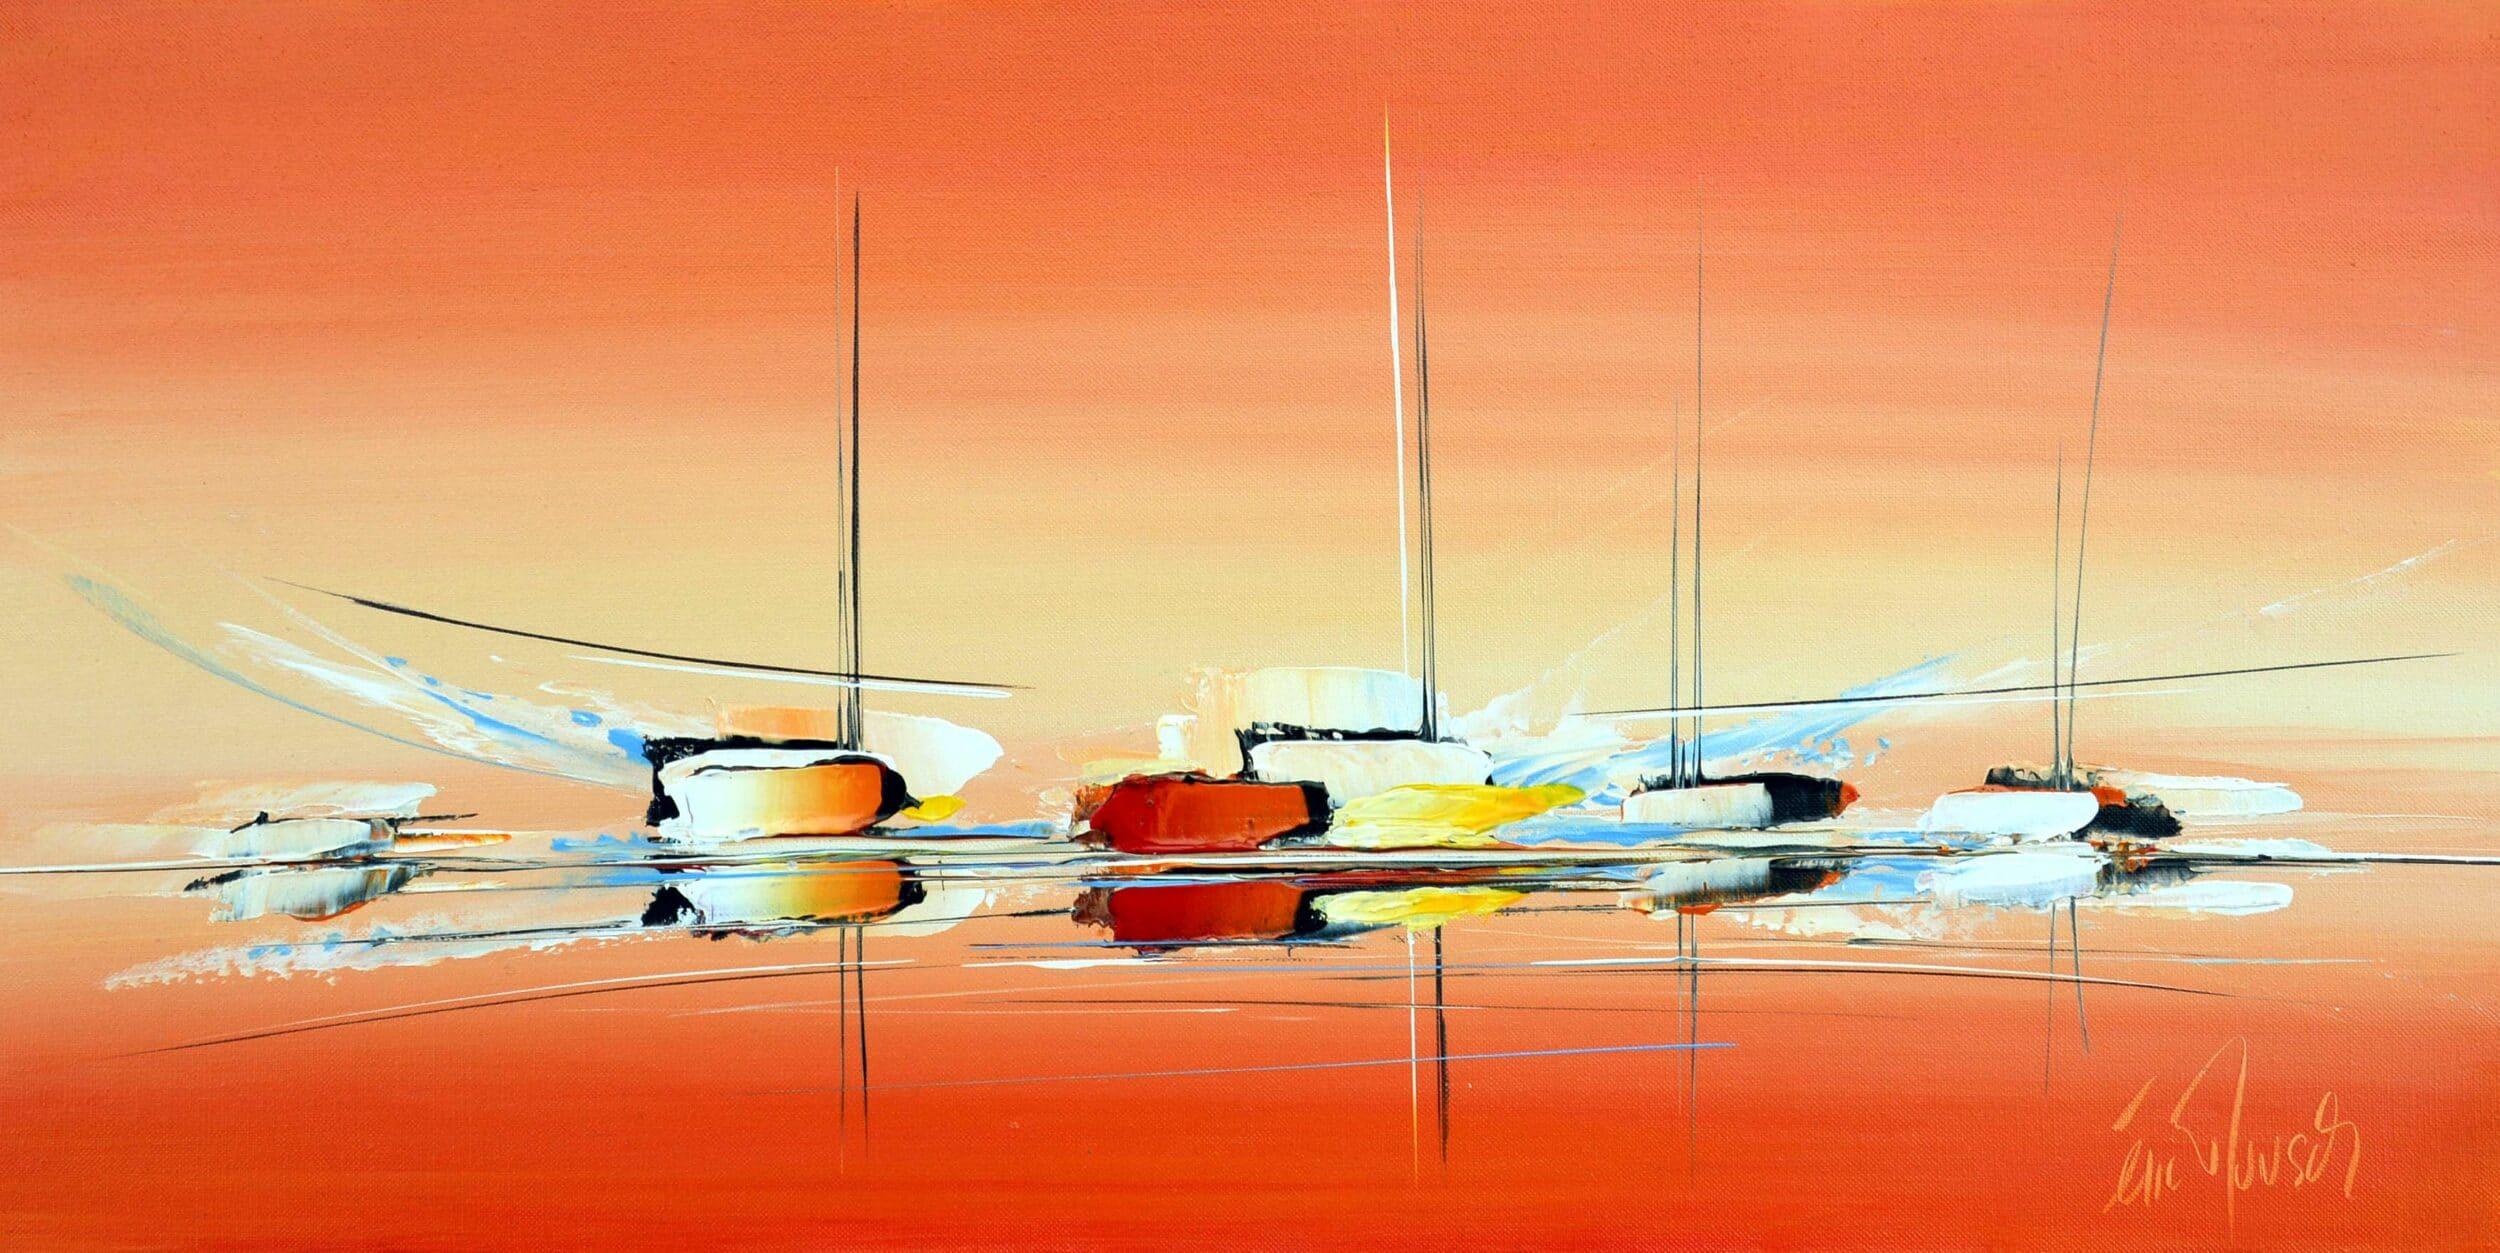 Plaisir Maritime - Acrylique sur toile - 40x80 cm